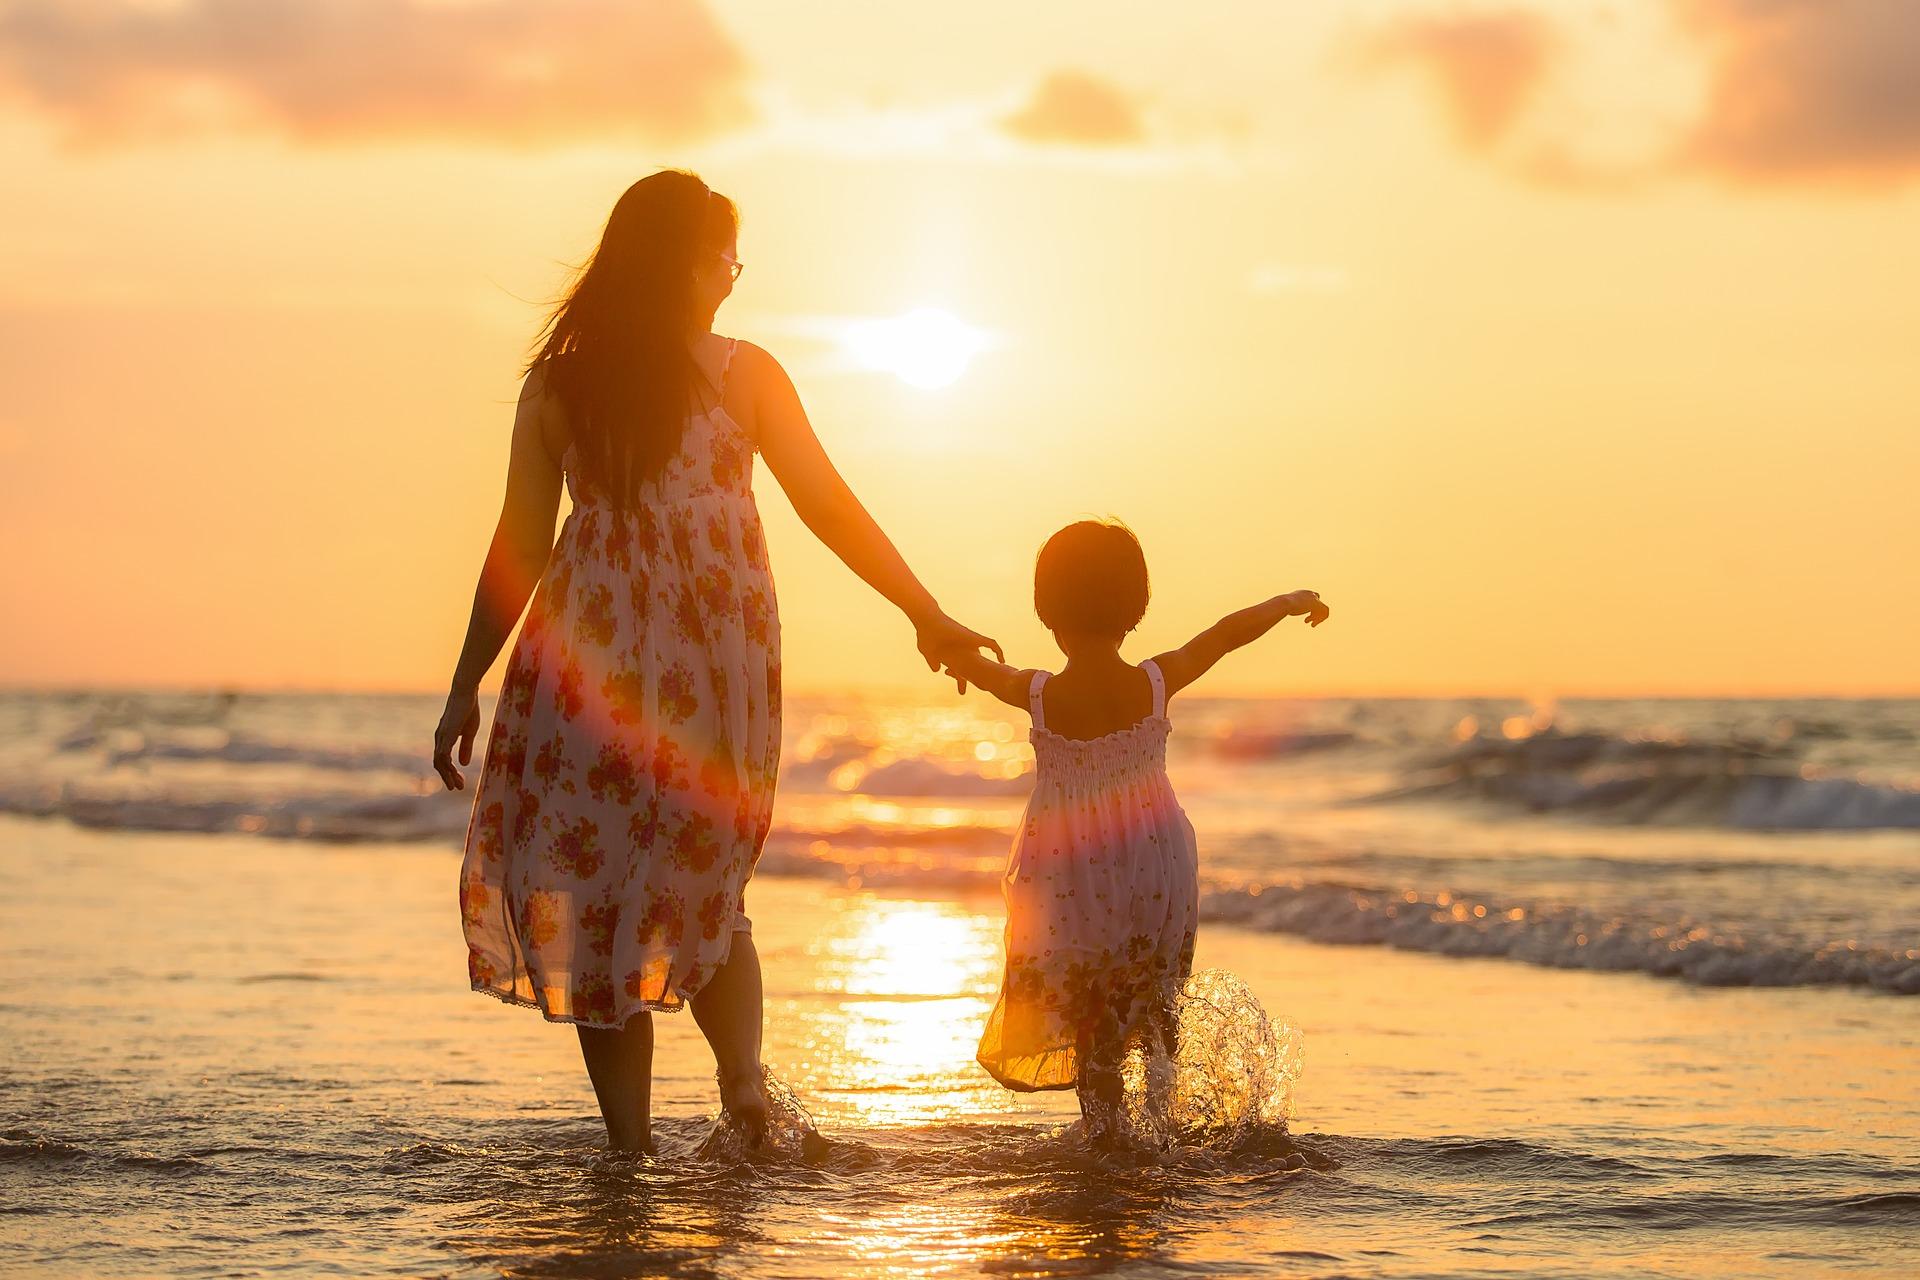 夕焼けの海を歩く大人と子供